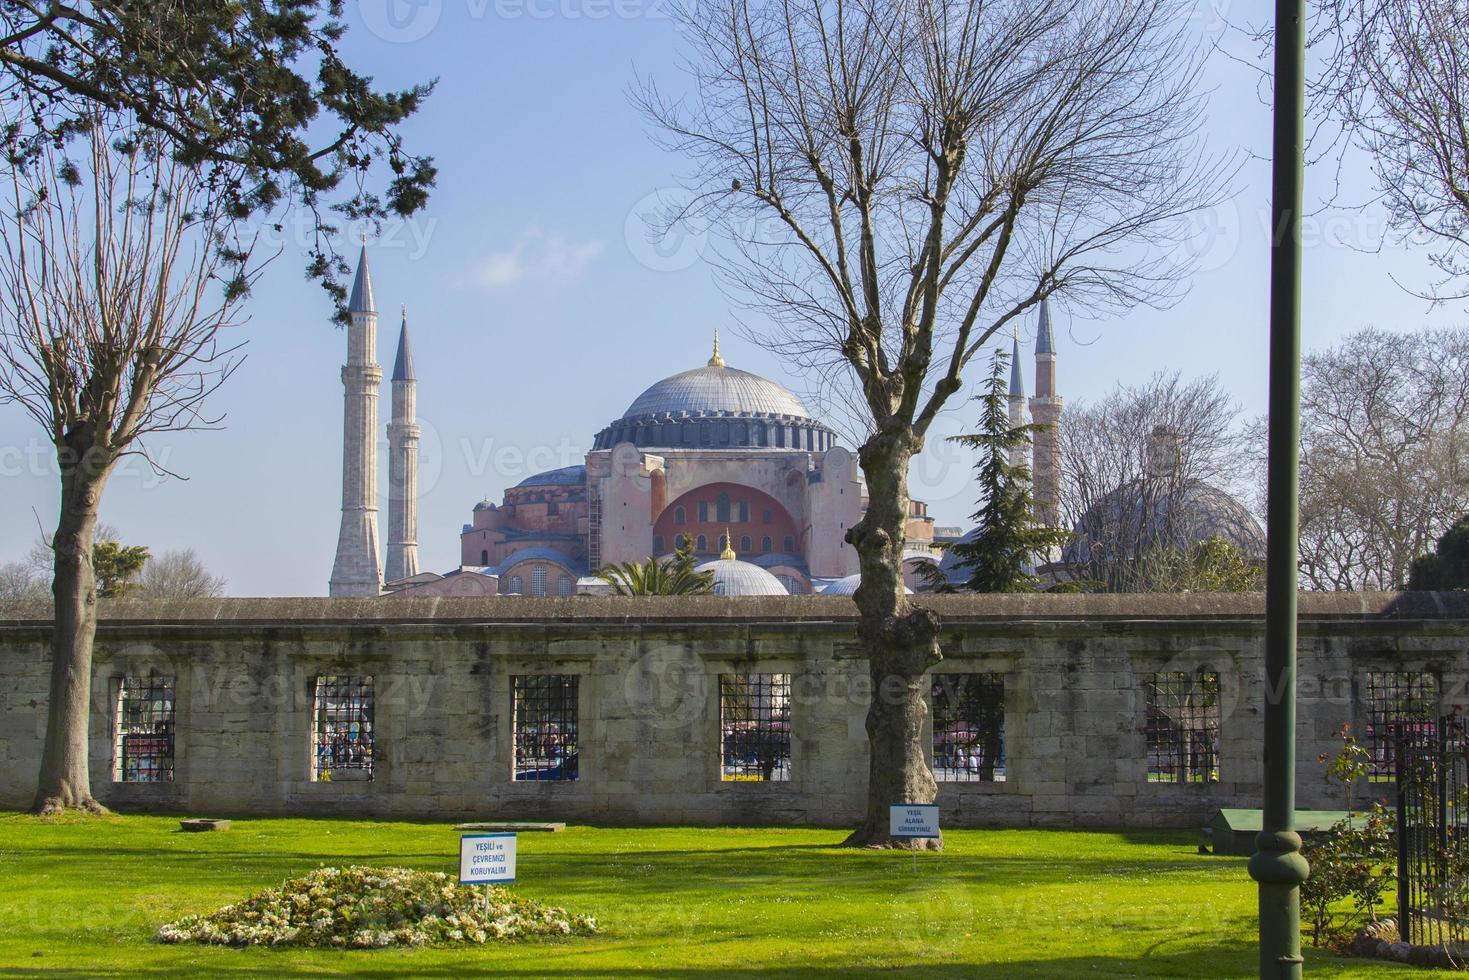 hagia sophia, vista da mesquita azul - istambul (turquia) foto